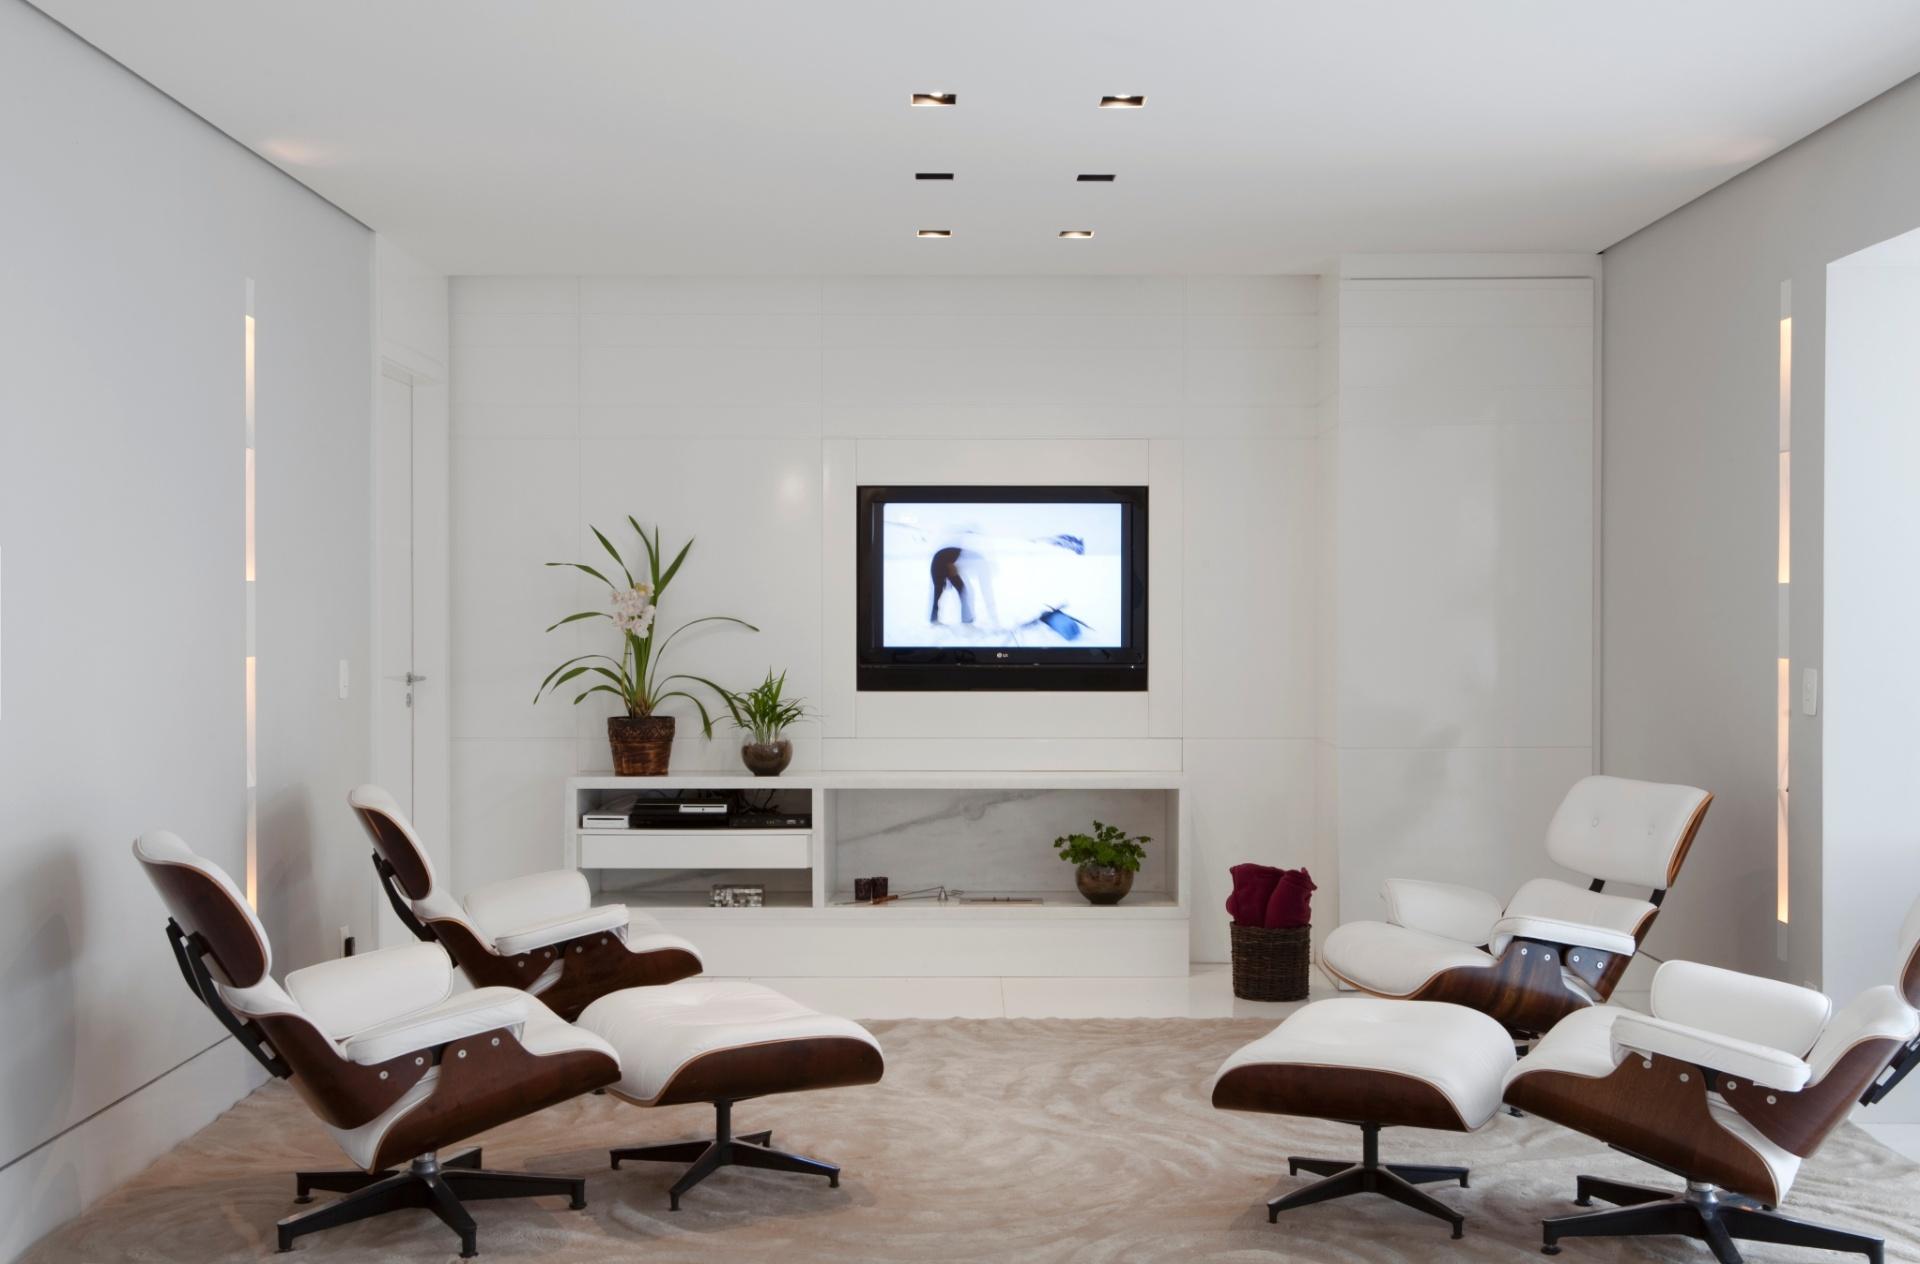 Apenas o tapete da Século, na cor bege, quebra com a unidade do branco proposto pela arquiteta Cristina Menezes no home theater. As  poltronas Charles Eames, da Tetum, trazem sofisticação e design ao ambiente